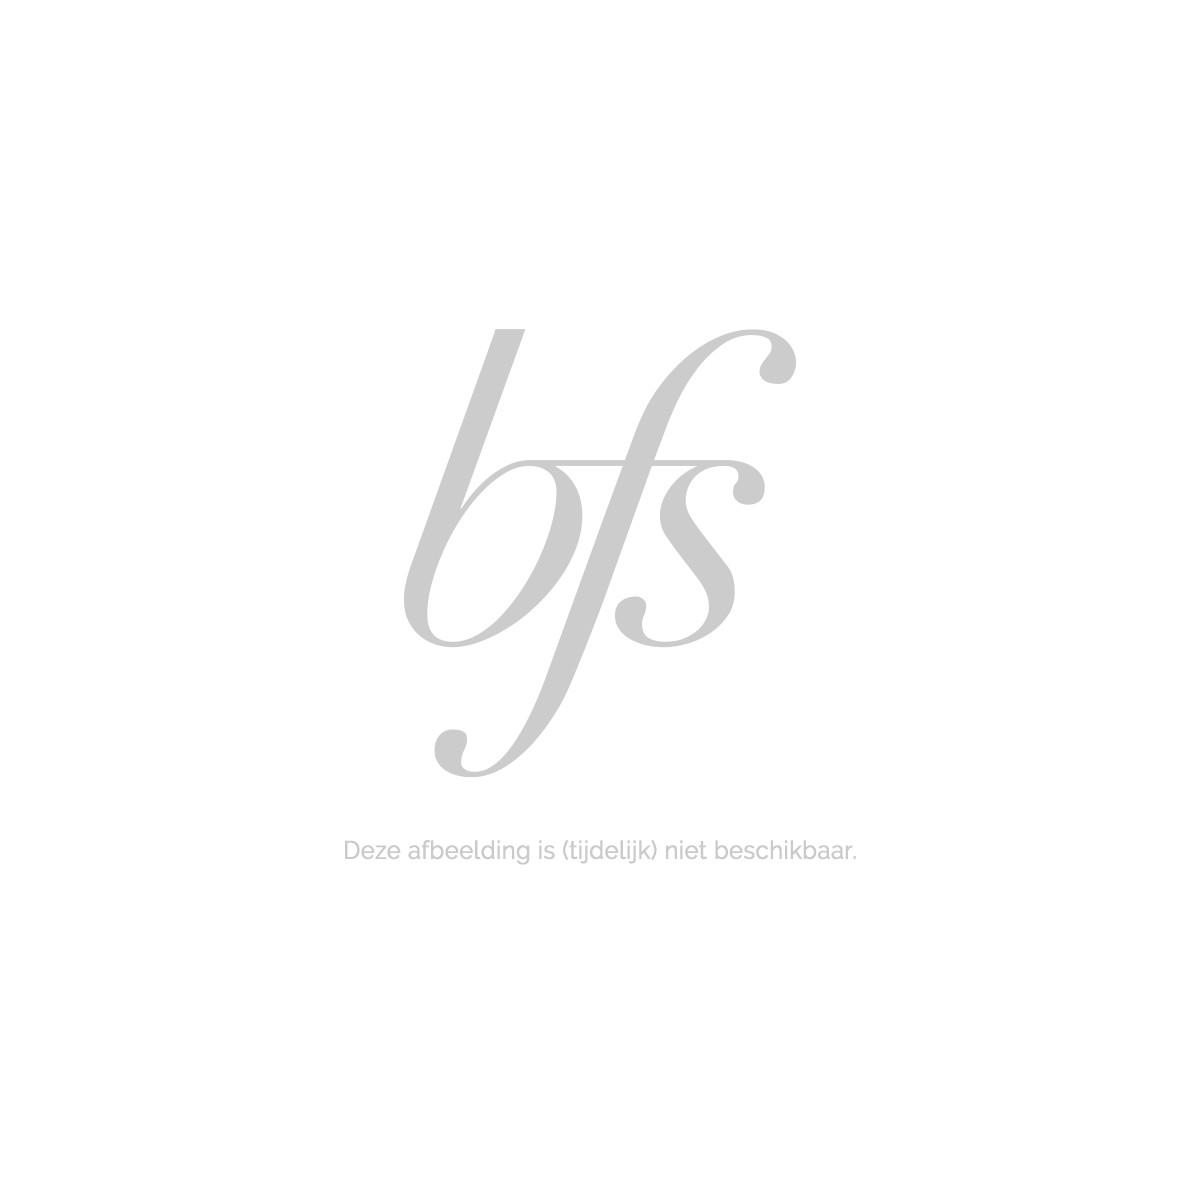 Bourjois Pinceau Poudre Flower Perfection